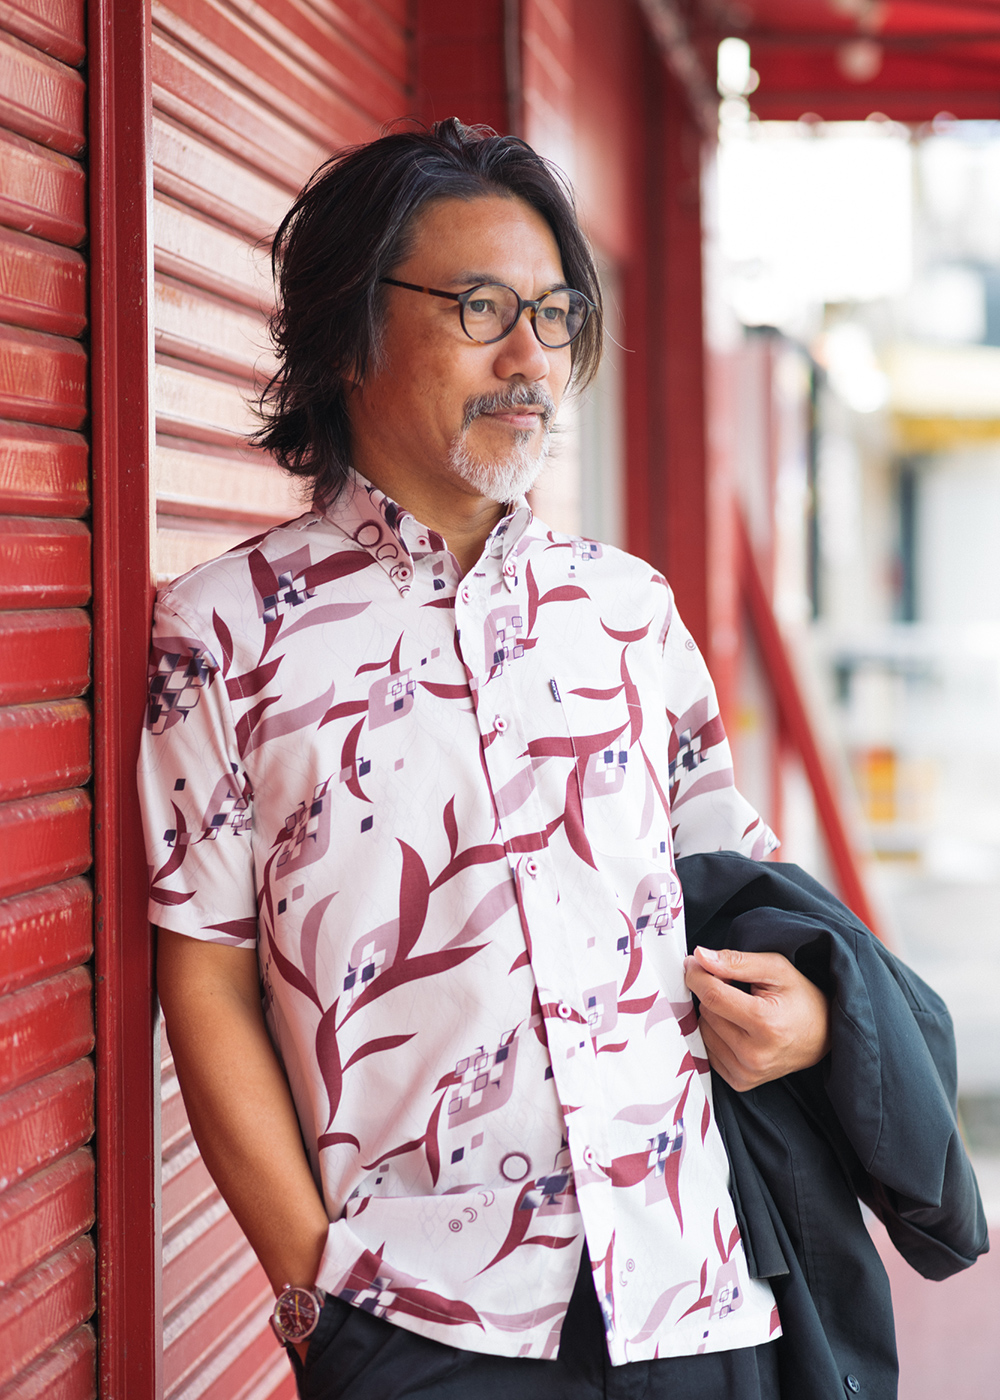 かりゆしウェア(沖縄版アロハシャツ) MAJUN - サンニンラゼンジ